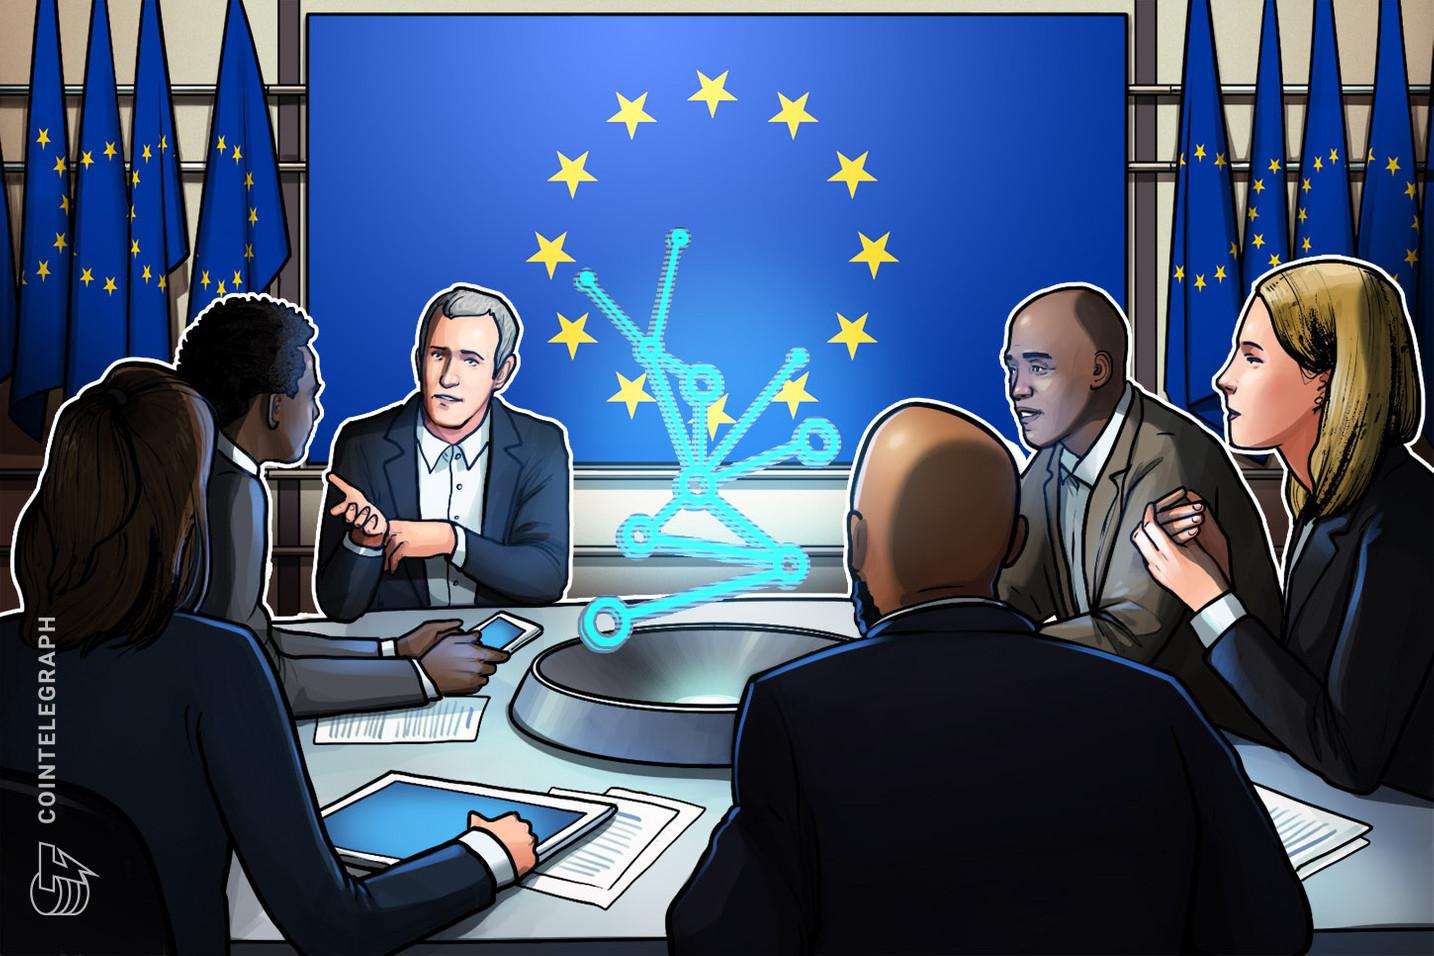 EU gibt Blockchain- und KI-Projekten kostenlosen Zugang zu hochwertigen Daten